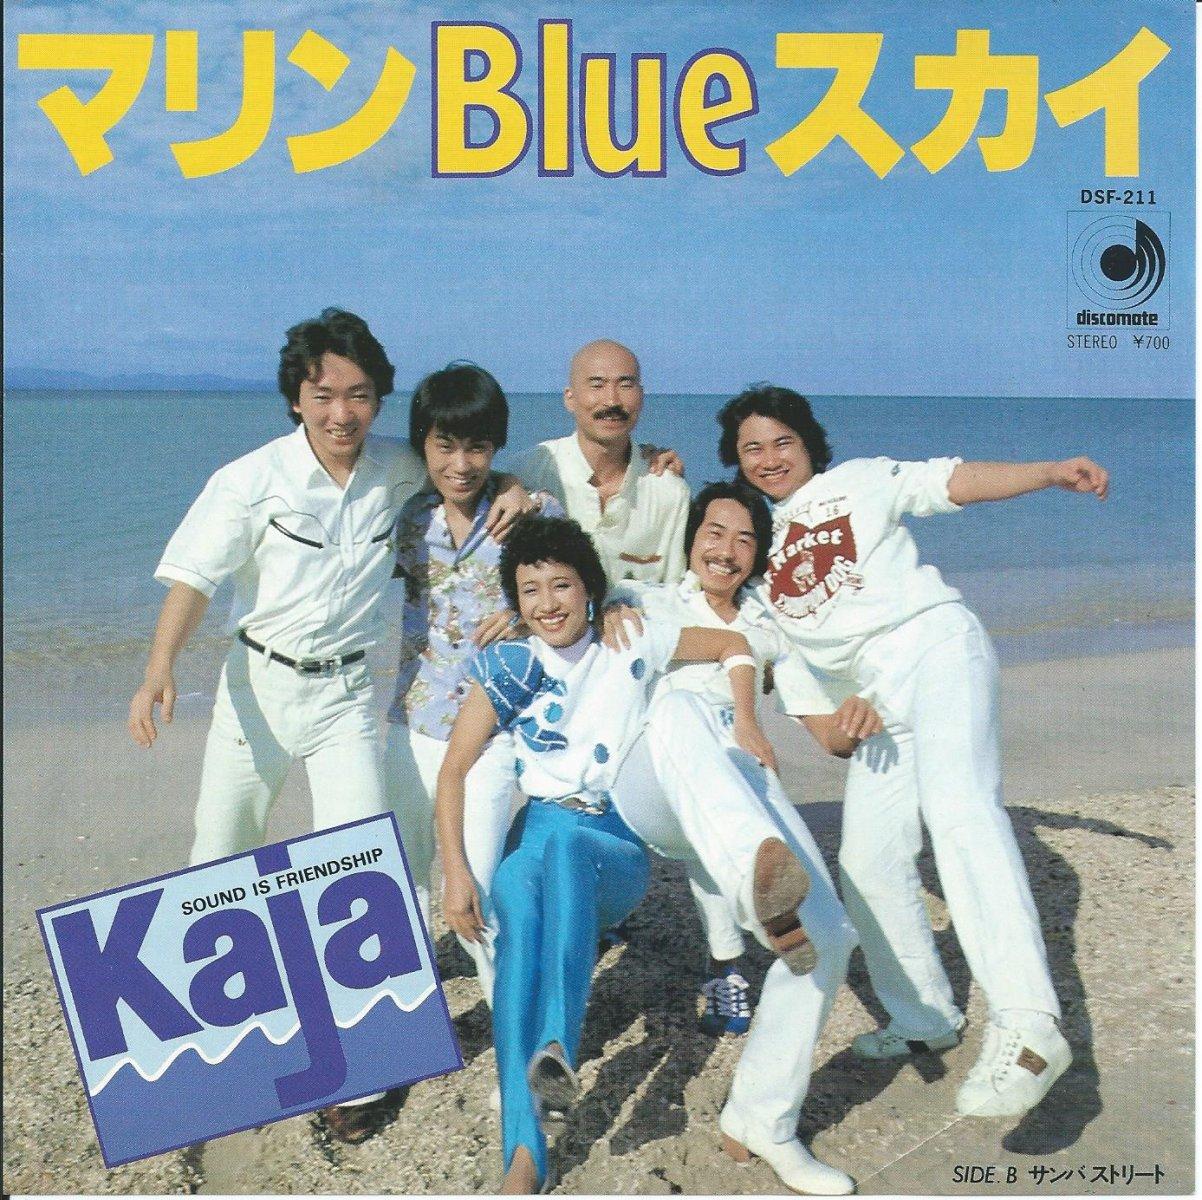 カヤ KAJA / マリン BLUE スカイ / サンバ ストリート (7